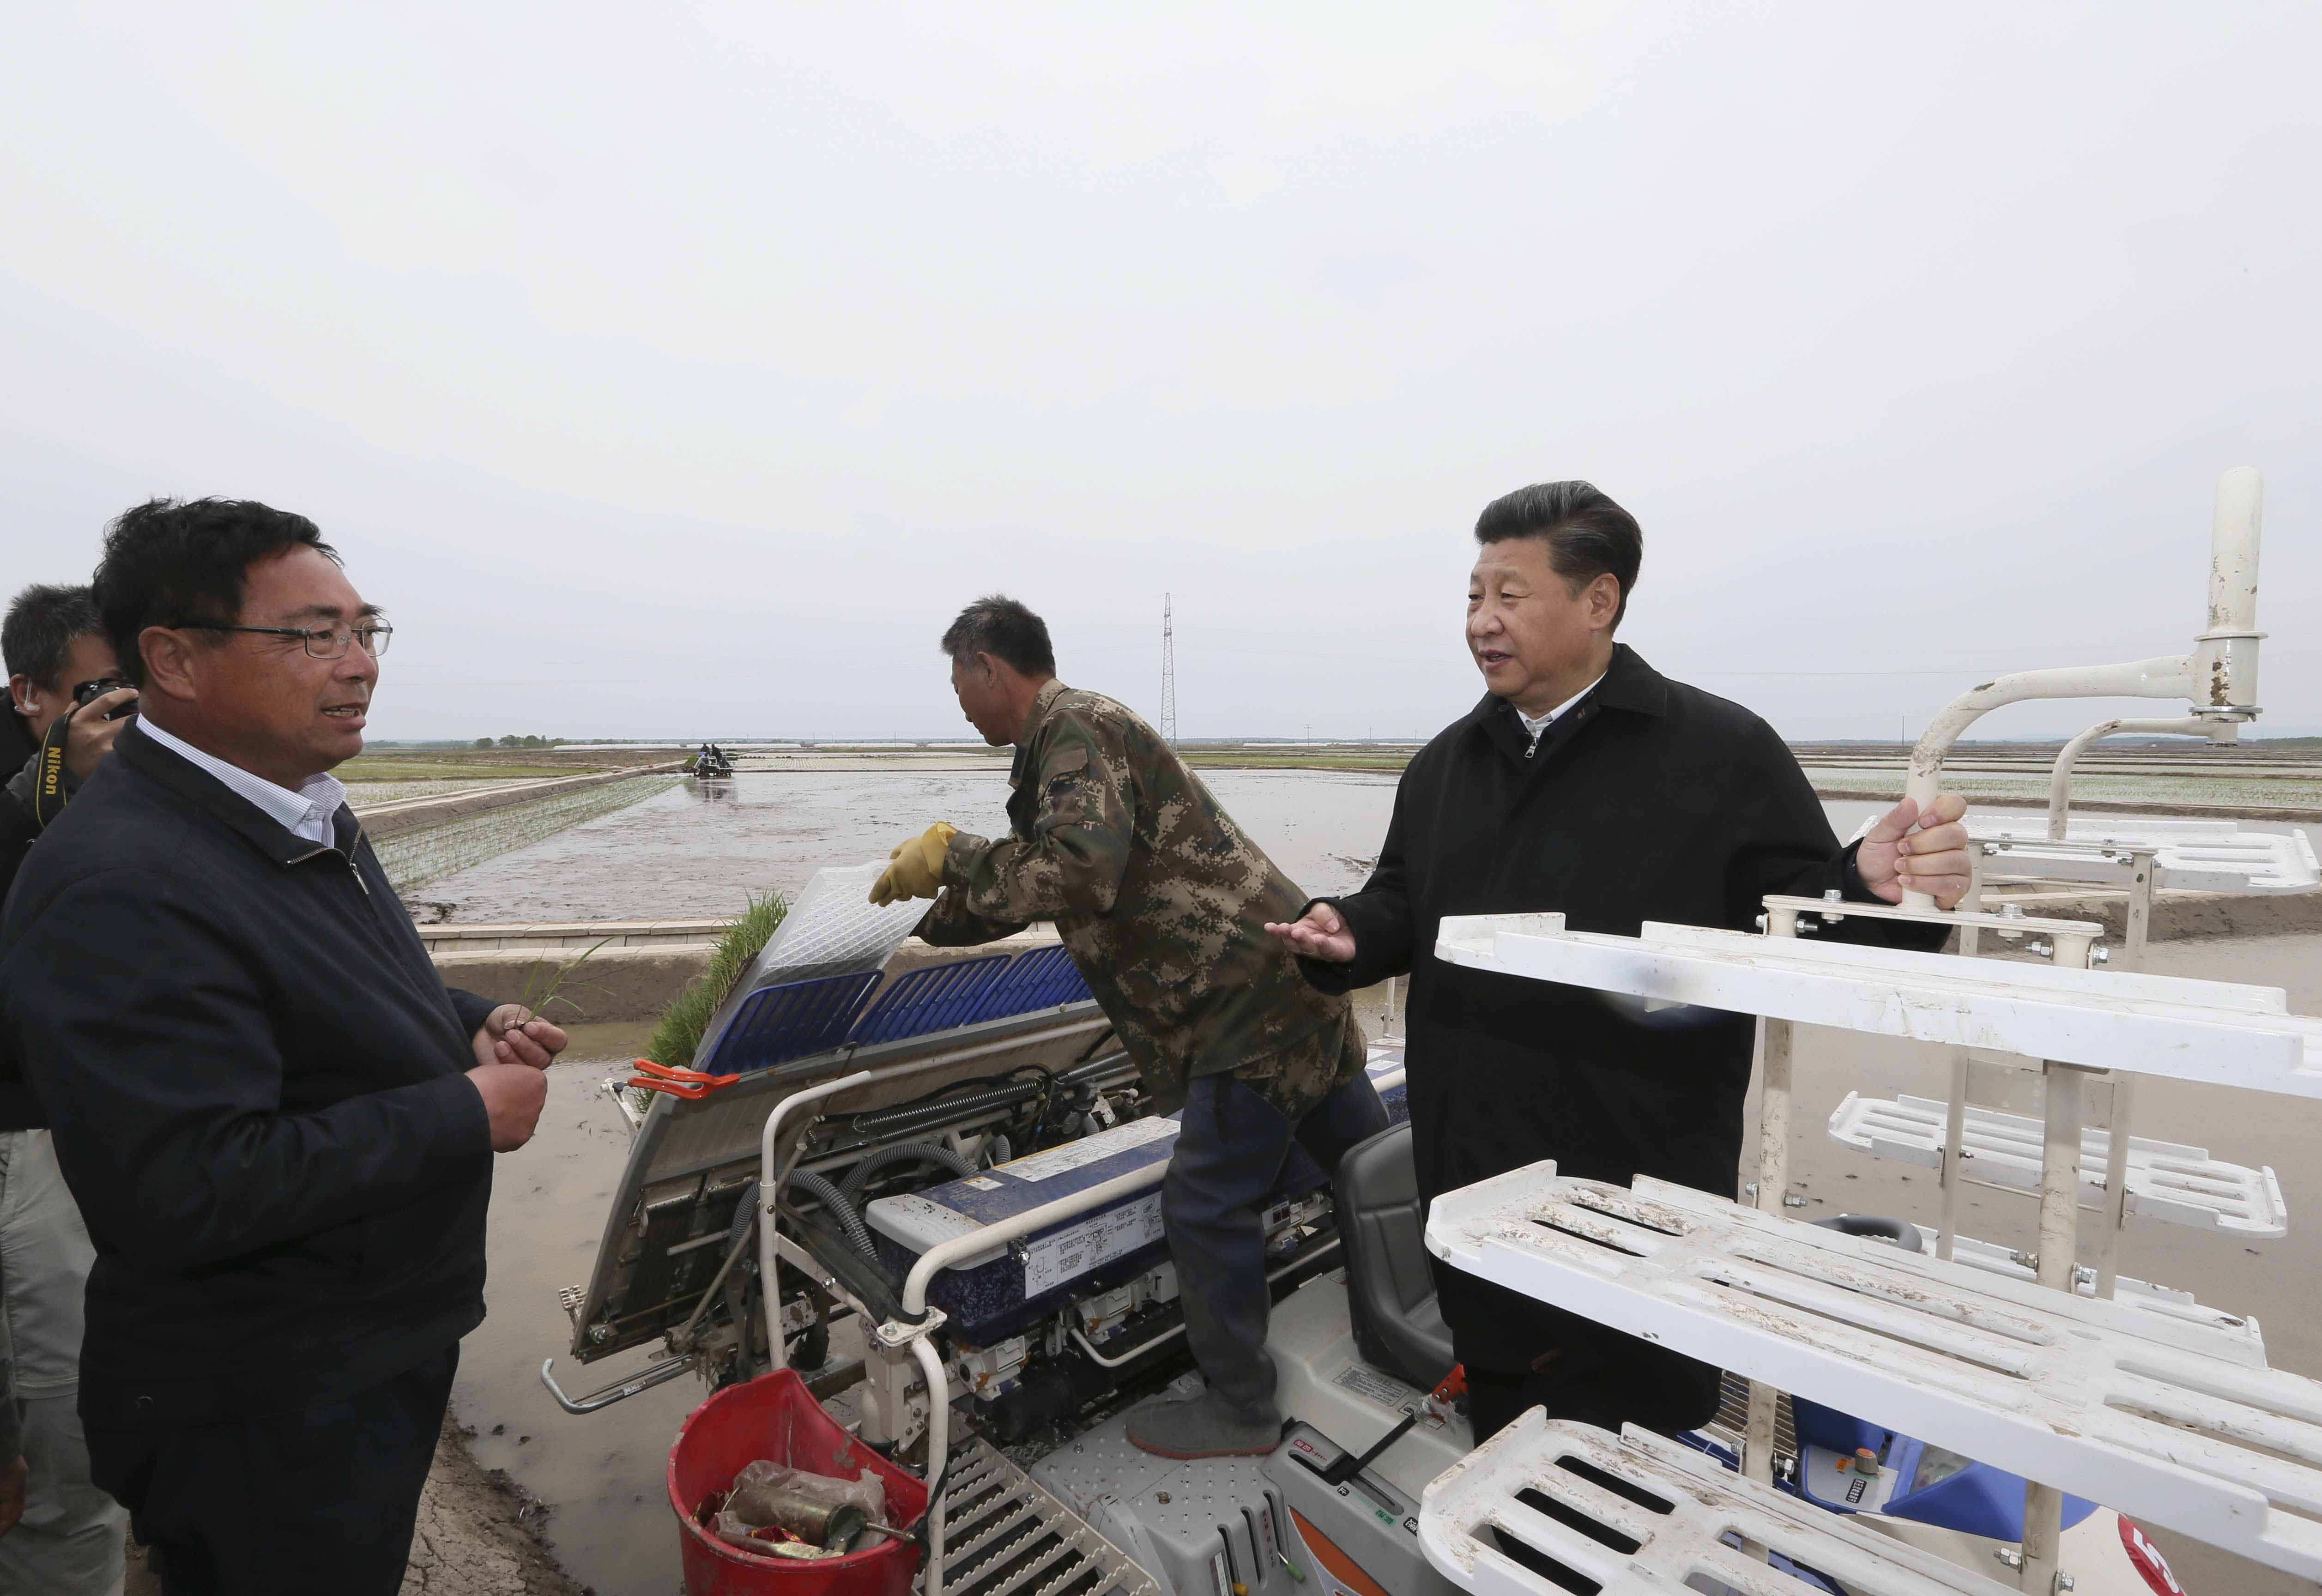 习近平考察黑龙江 谈农业、登黑瞎子岛、看望赫哲族群众